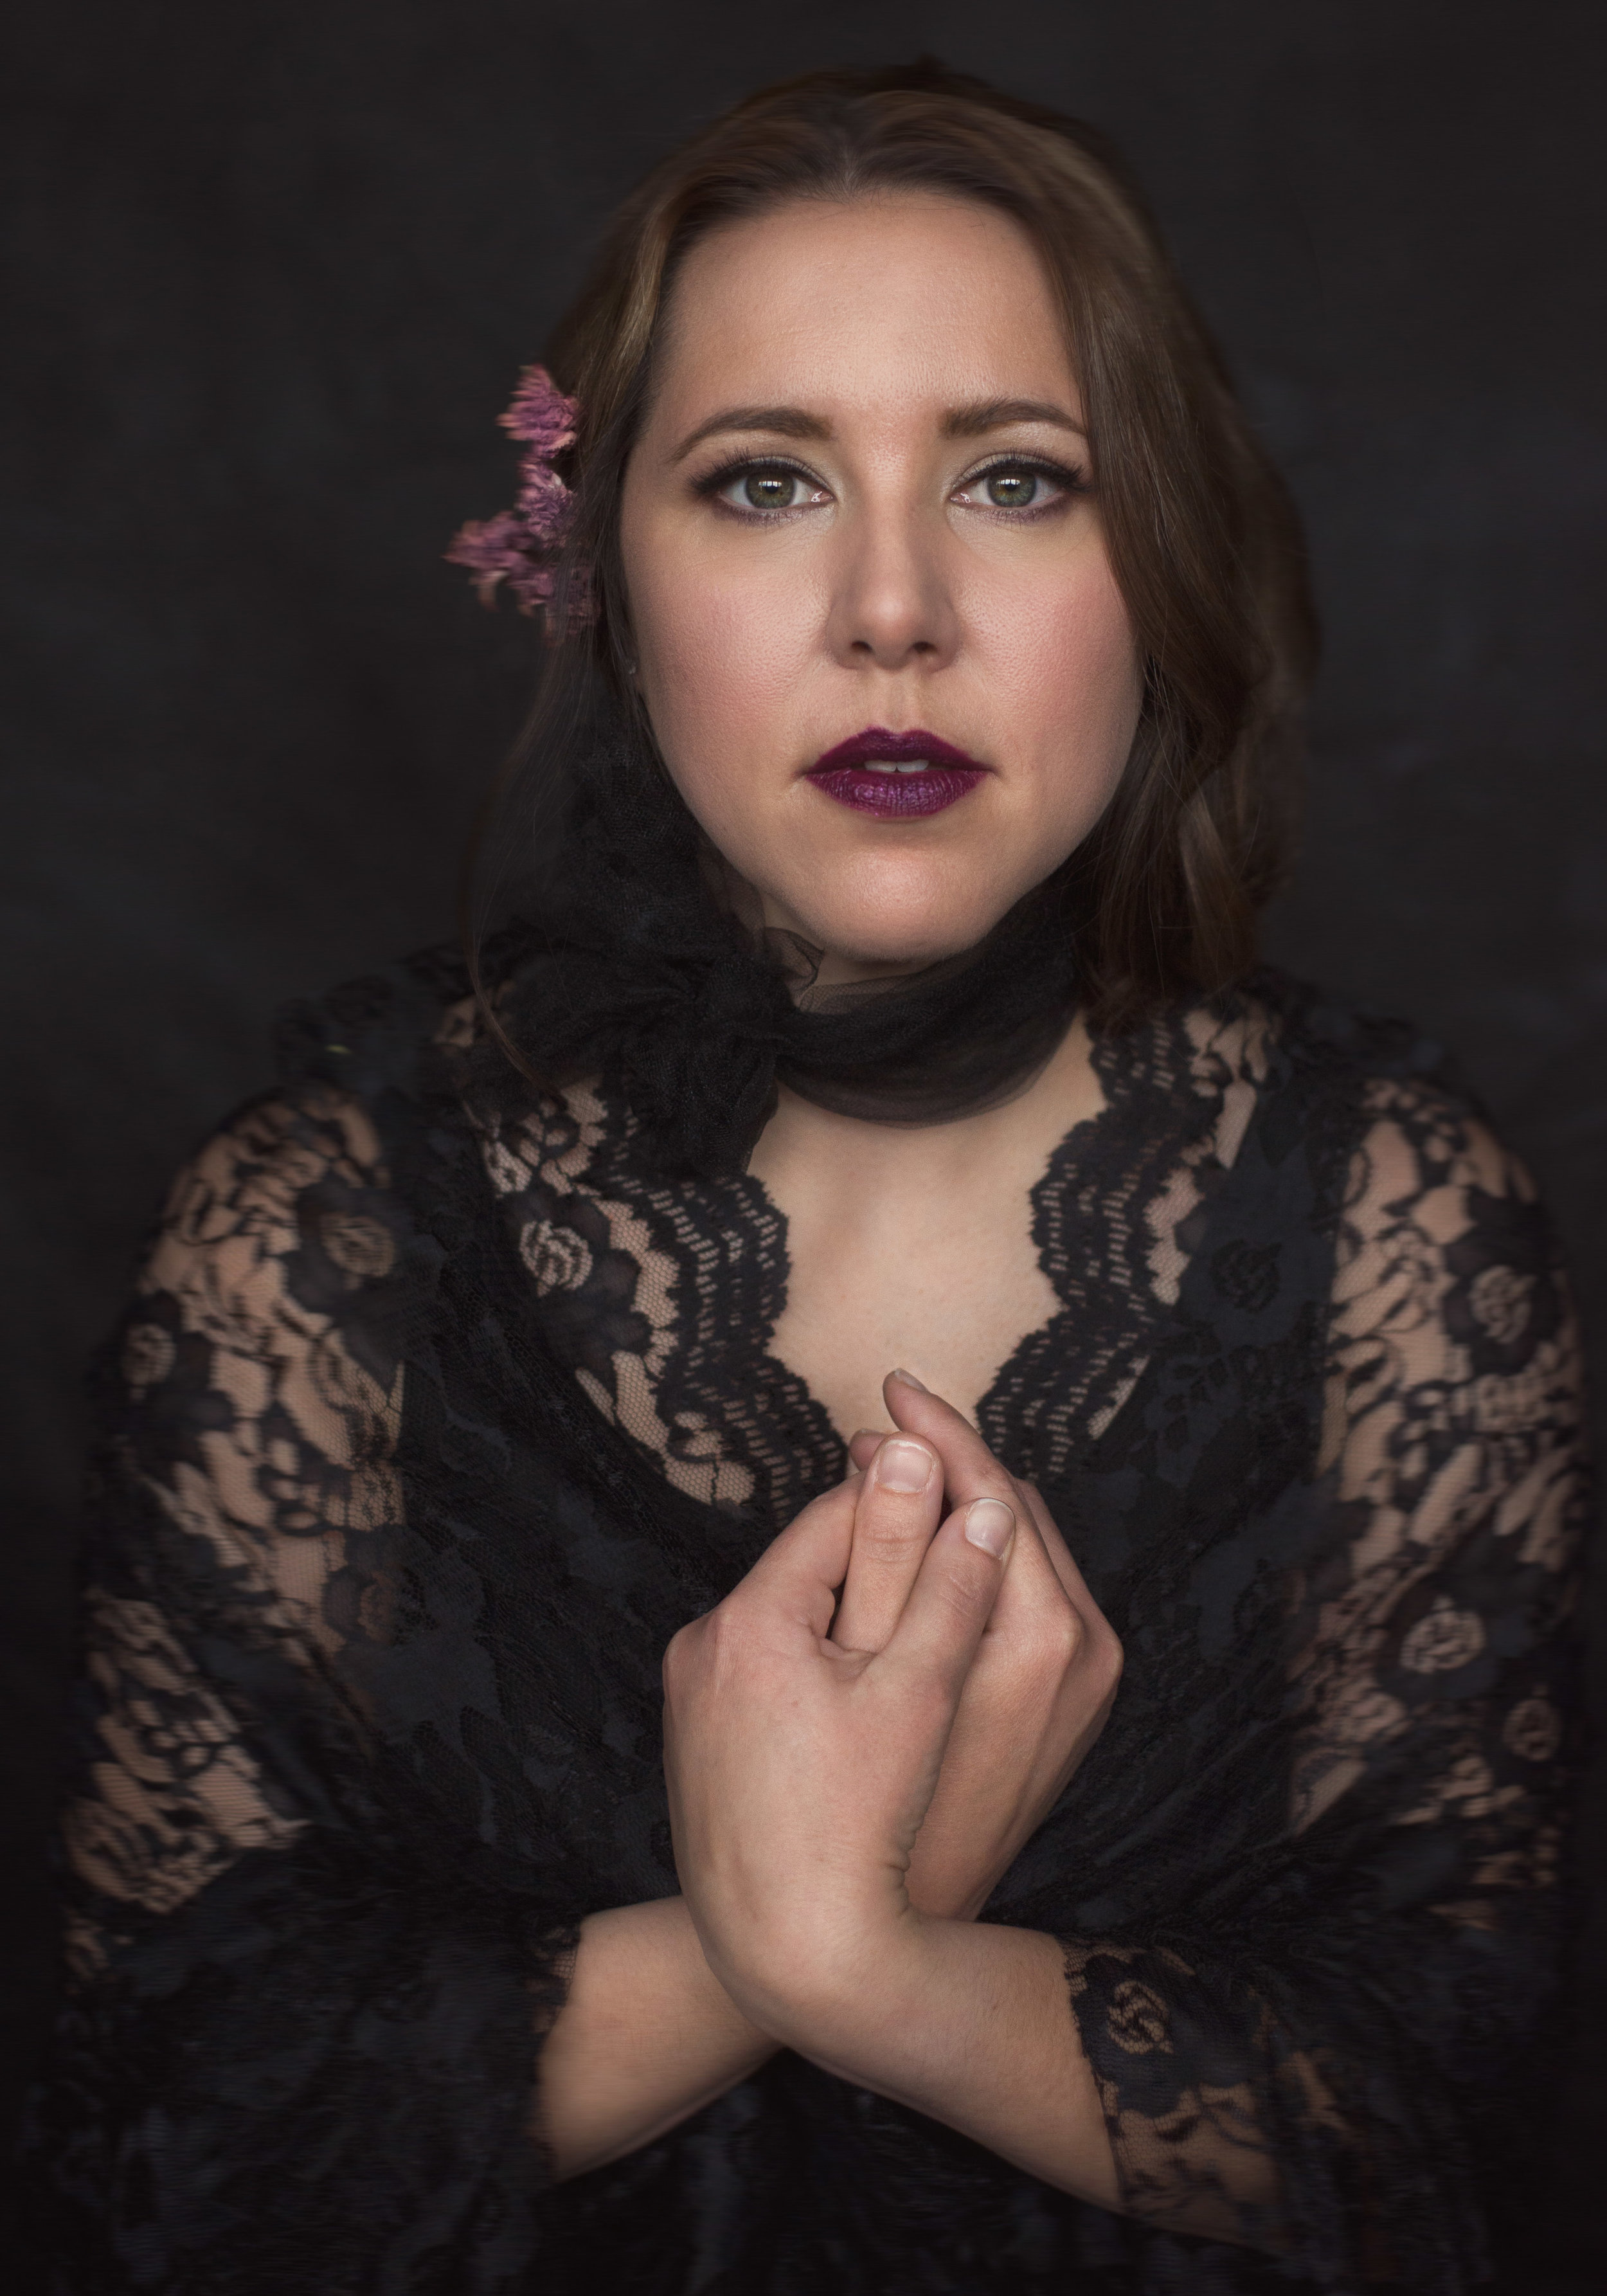 From November- Portrait Alyssa.